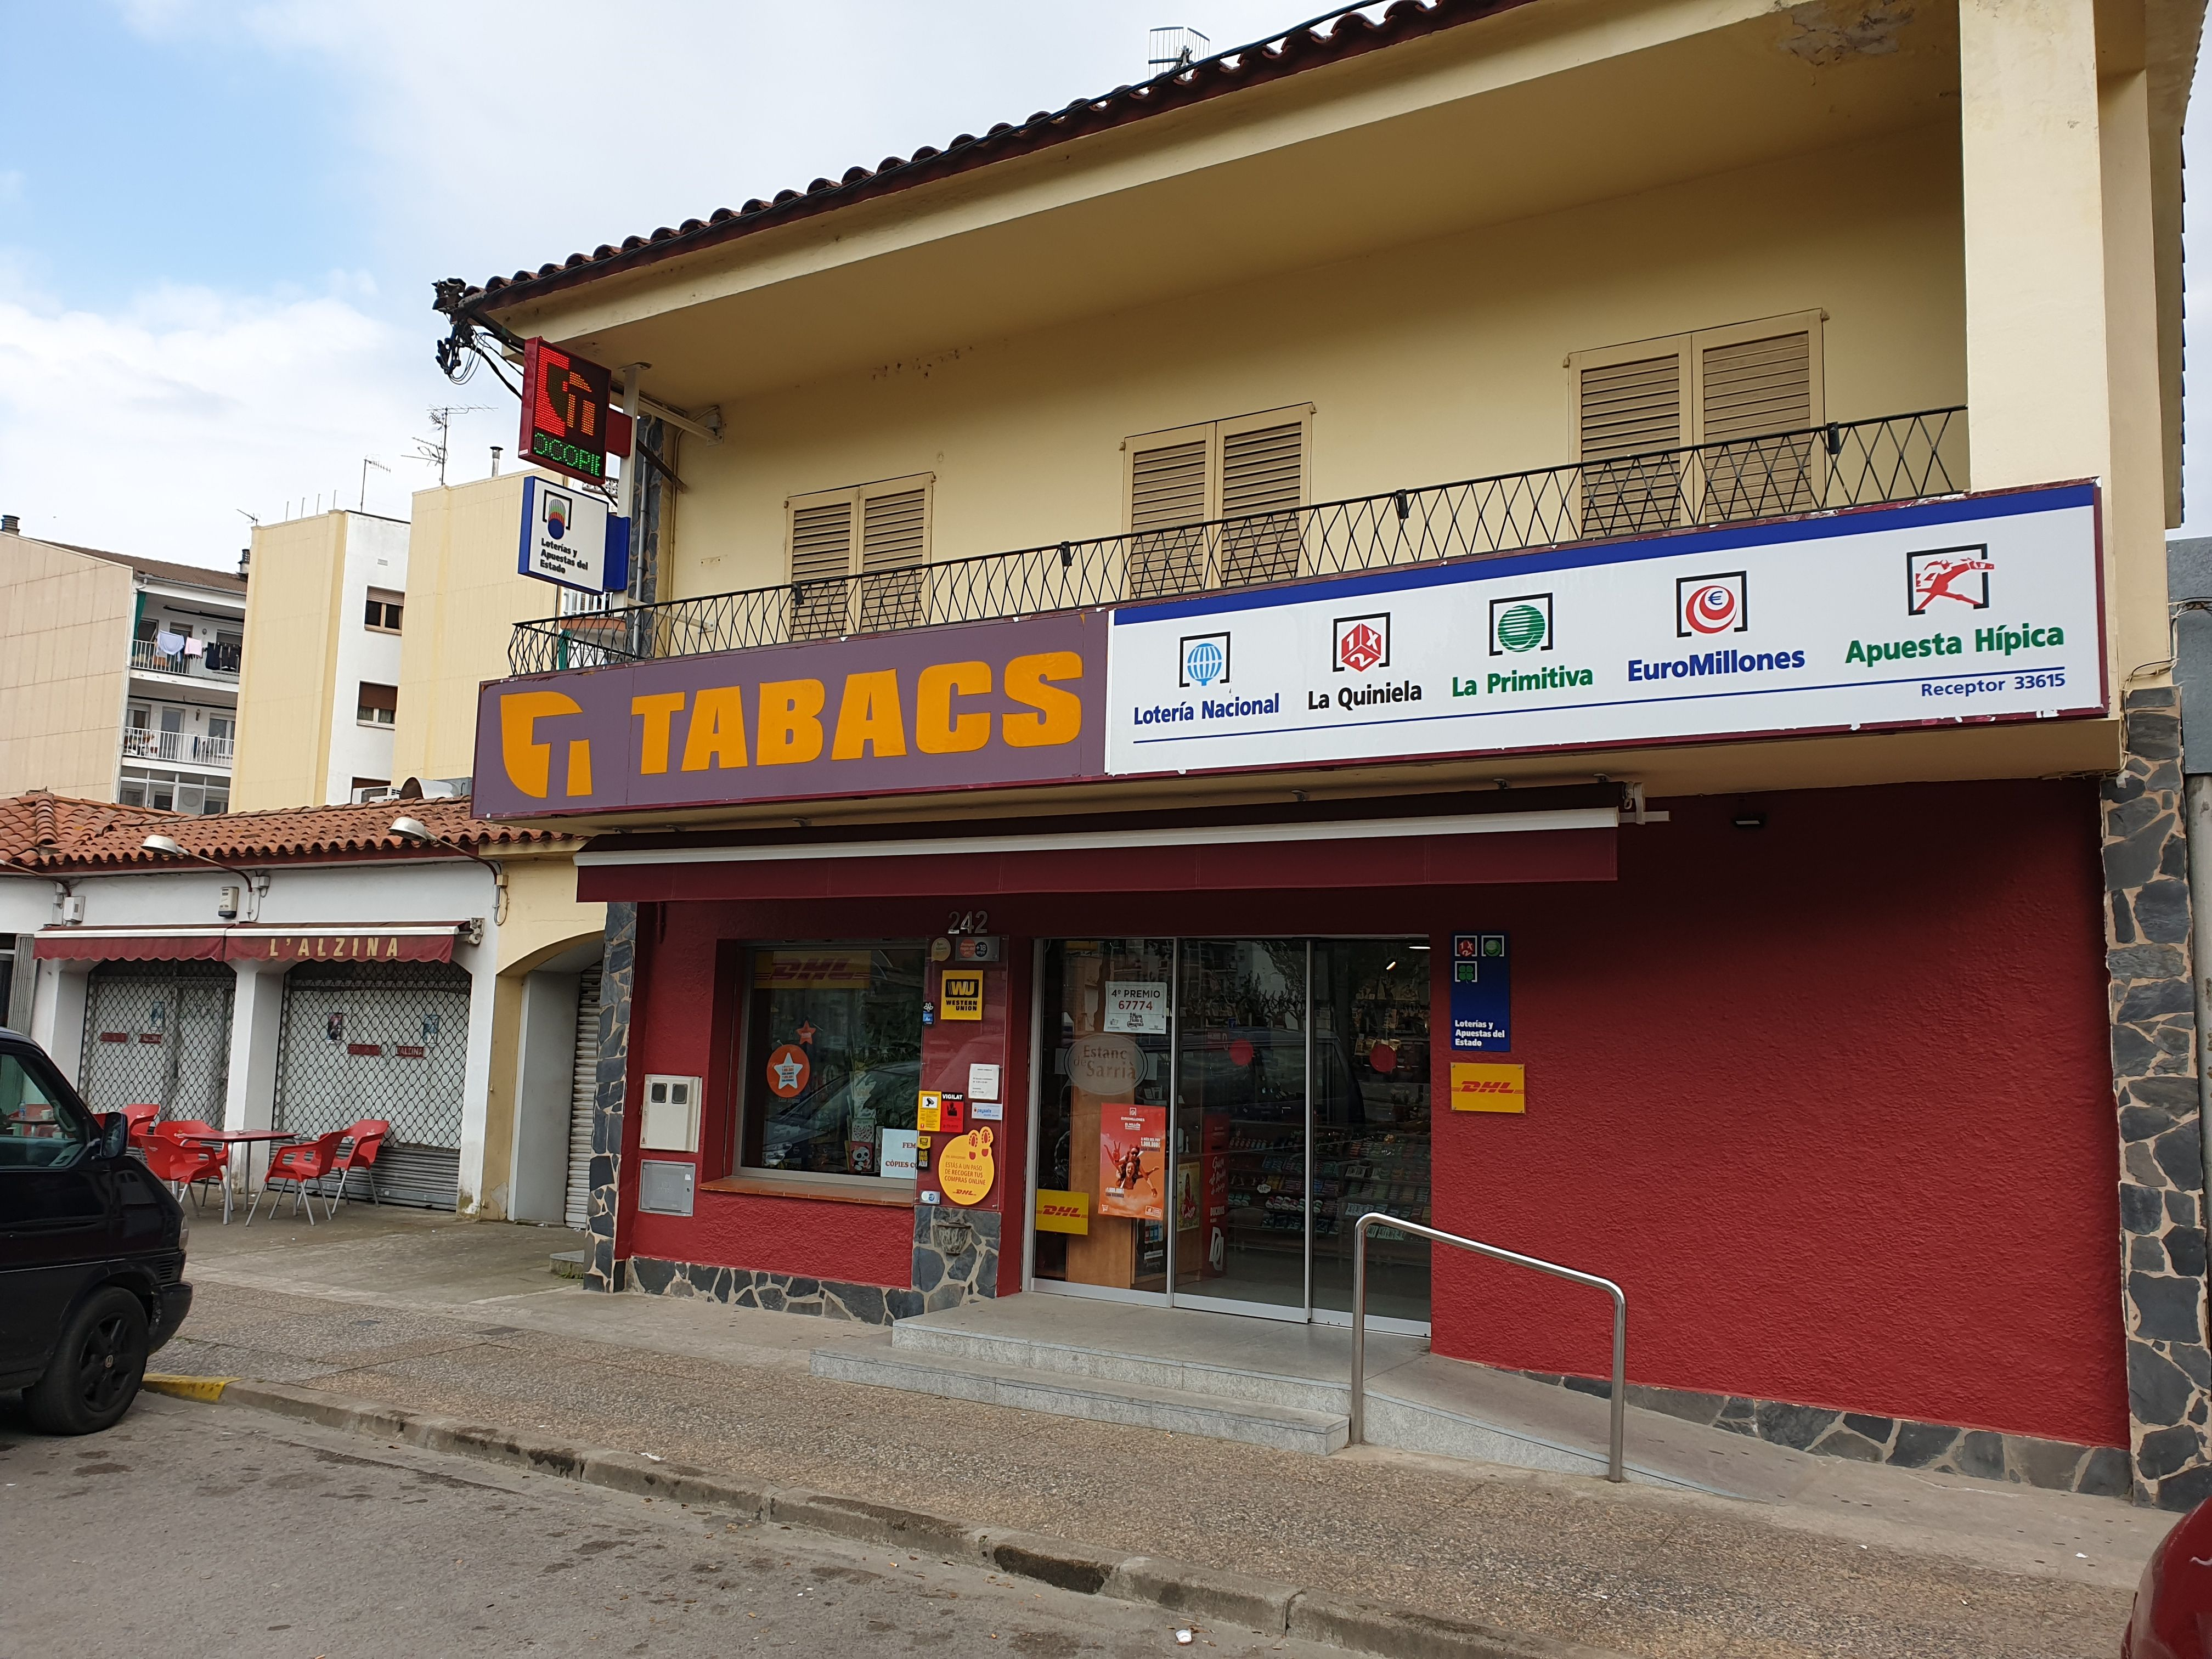 Venta de tabaco en Sarriá